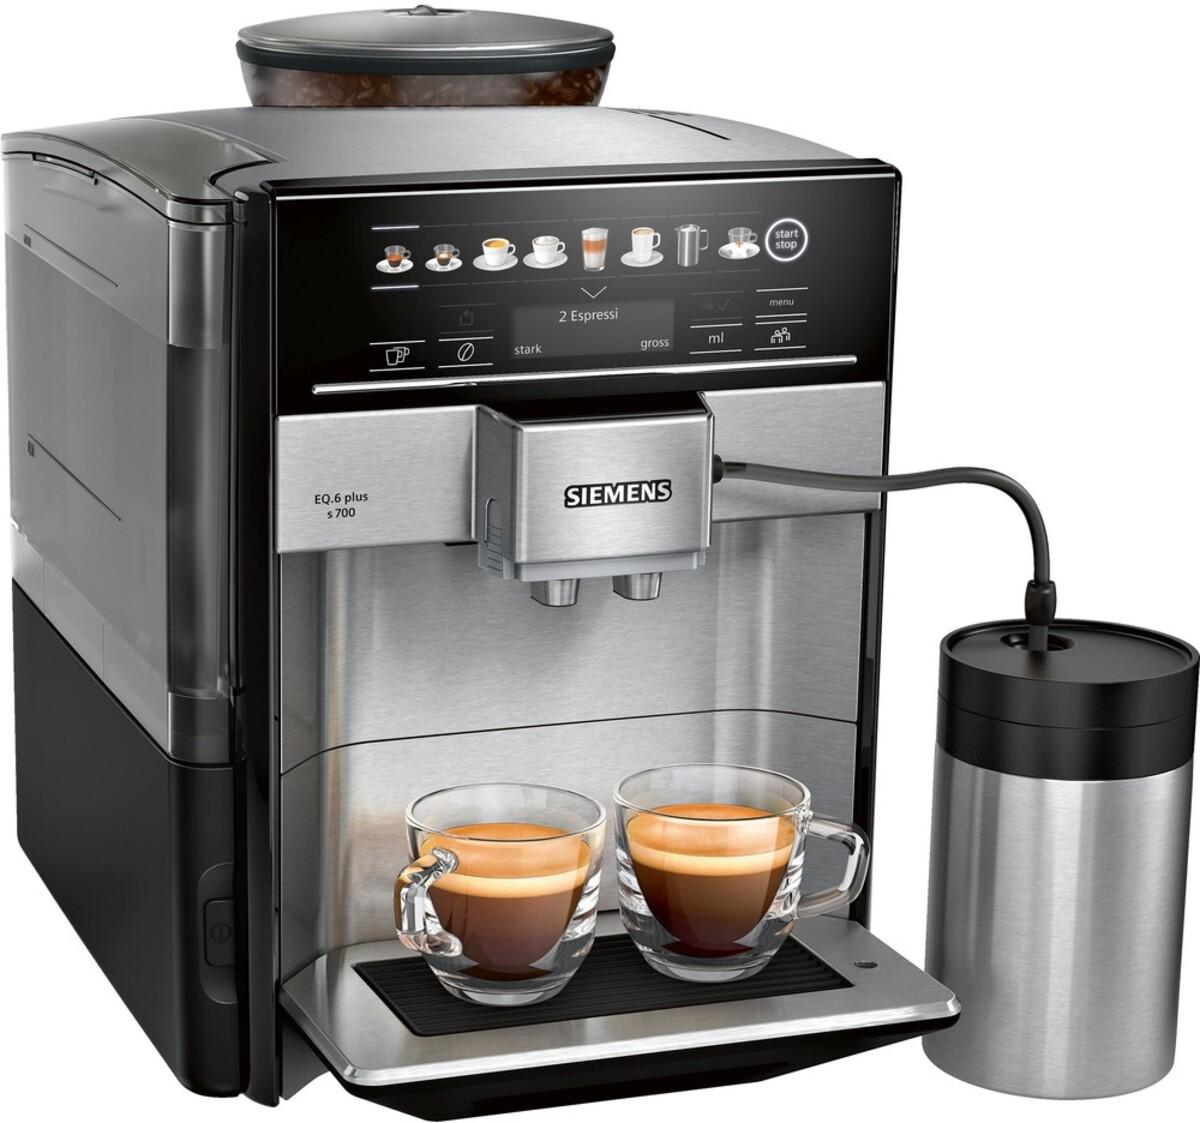 Bild 2 von SIEMENS EQ.6 plus s700 TE657M03DE Edelstahl, schwarz Kaffeevollautomat (coffeeSelect Display, autoMilk Clean, oneTouch DoubleCup, beleuchtetes Tassenpodest, iAroma System)